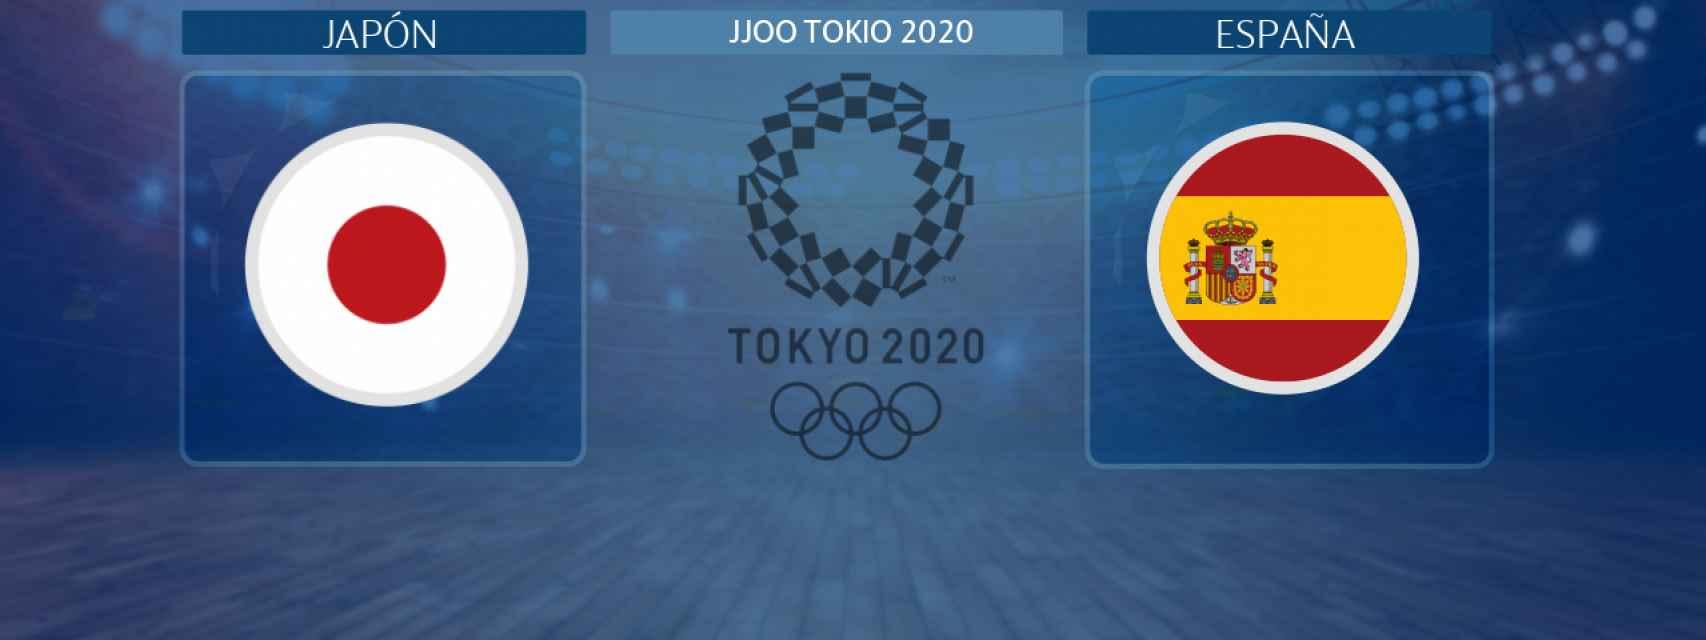 Japón - España, partido de baloncesto masculino de los JJOO Tokio 2020